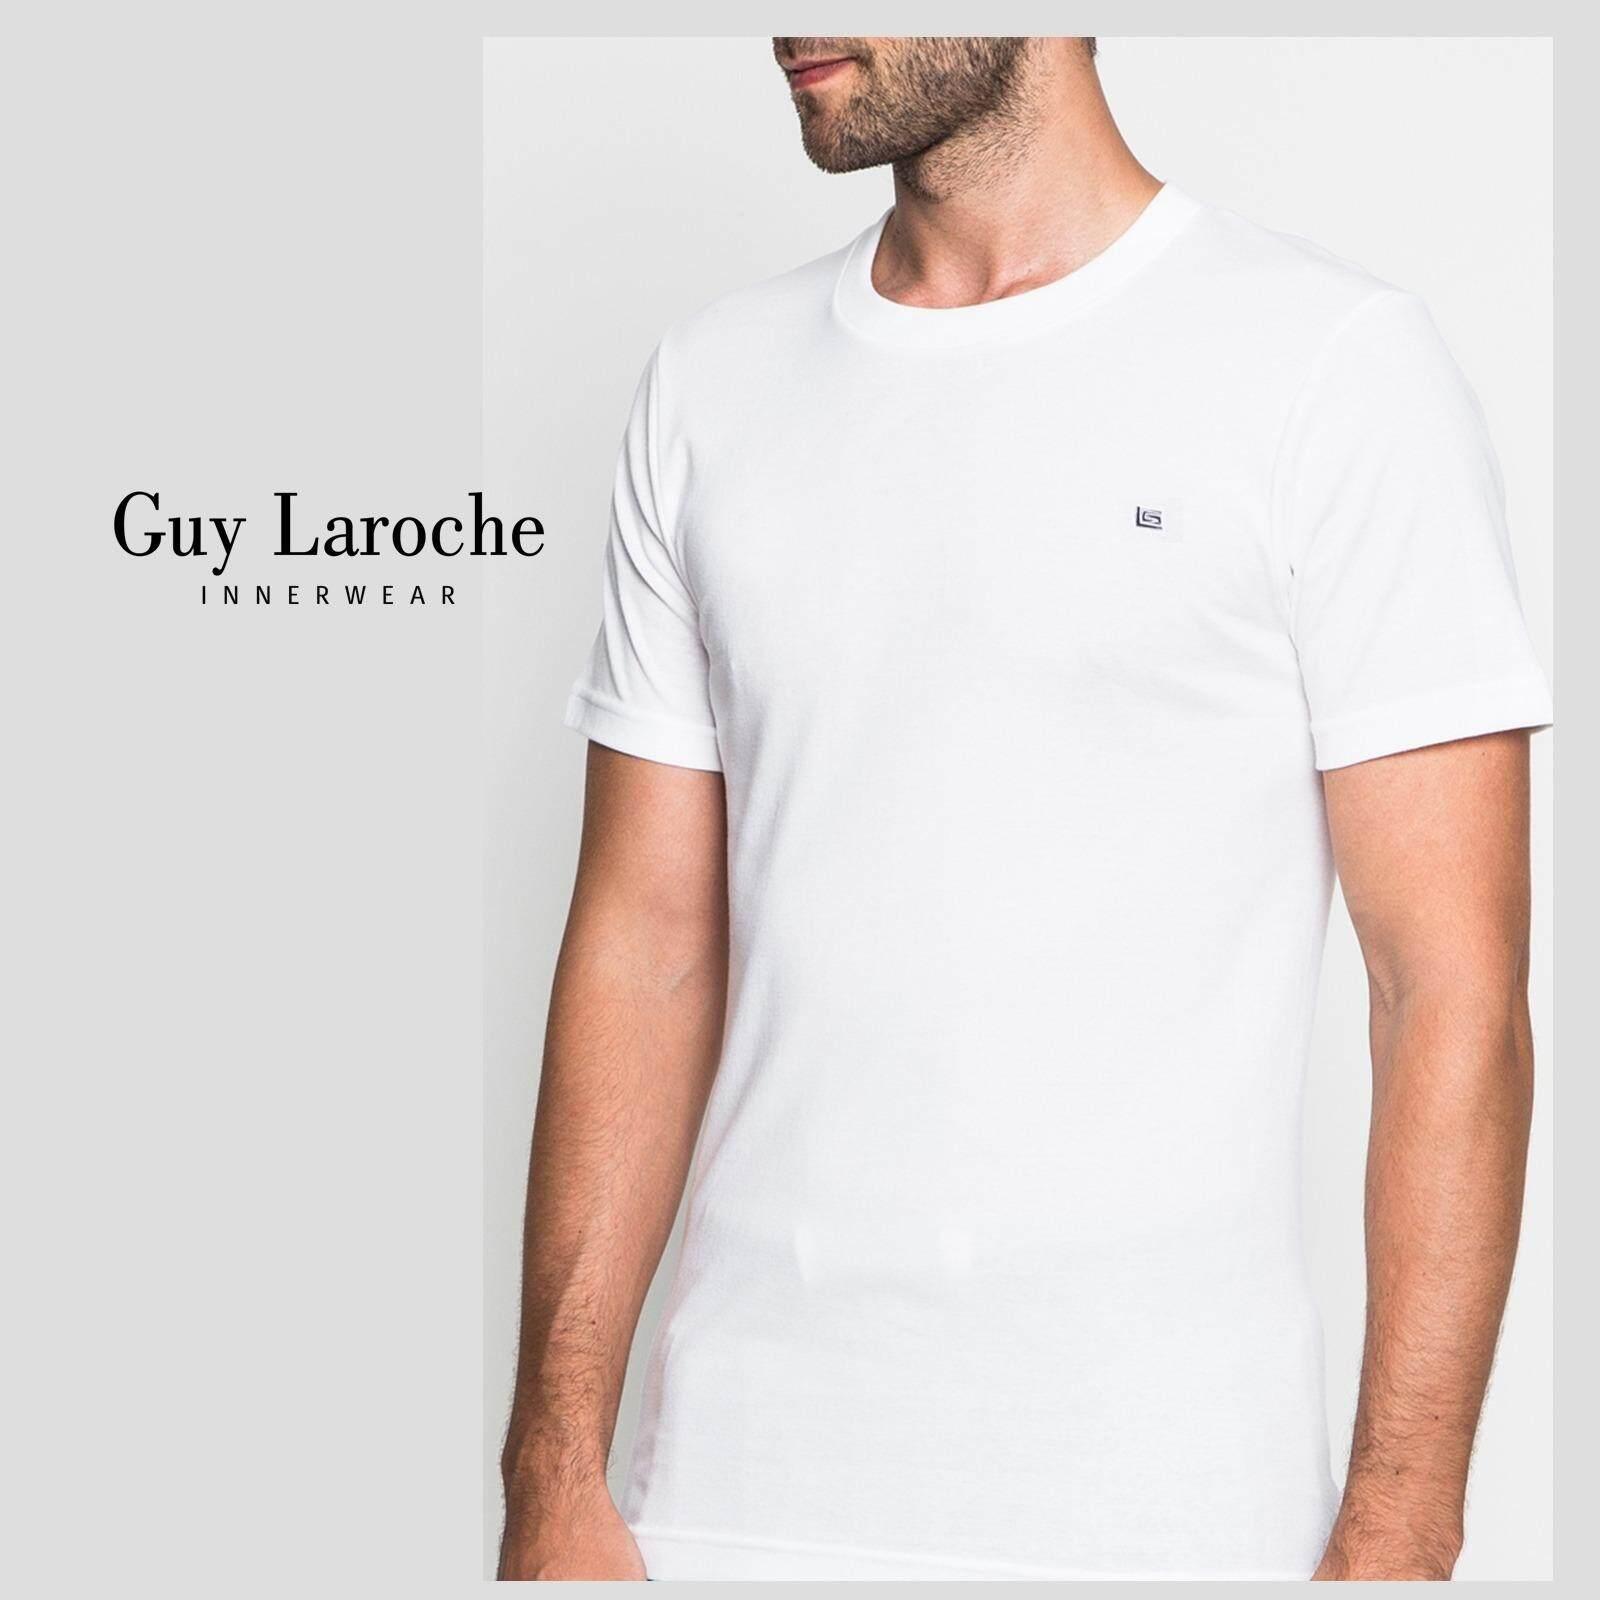 ราคา Guy Laroche เสื้อ T Shirt ผ้า 100 Cotton เนื้อนุ่มใส่สบาย เป็นต้นฉบับ